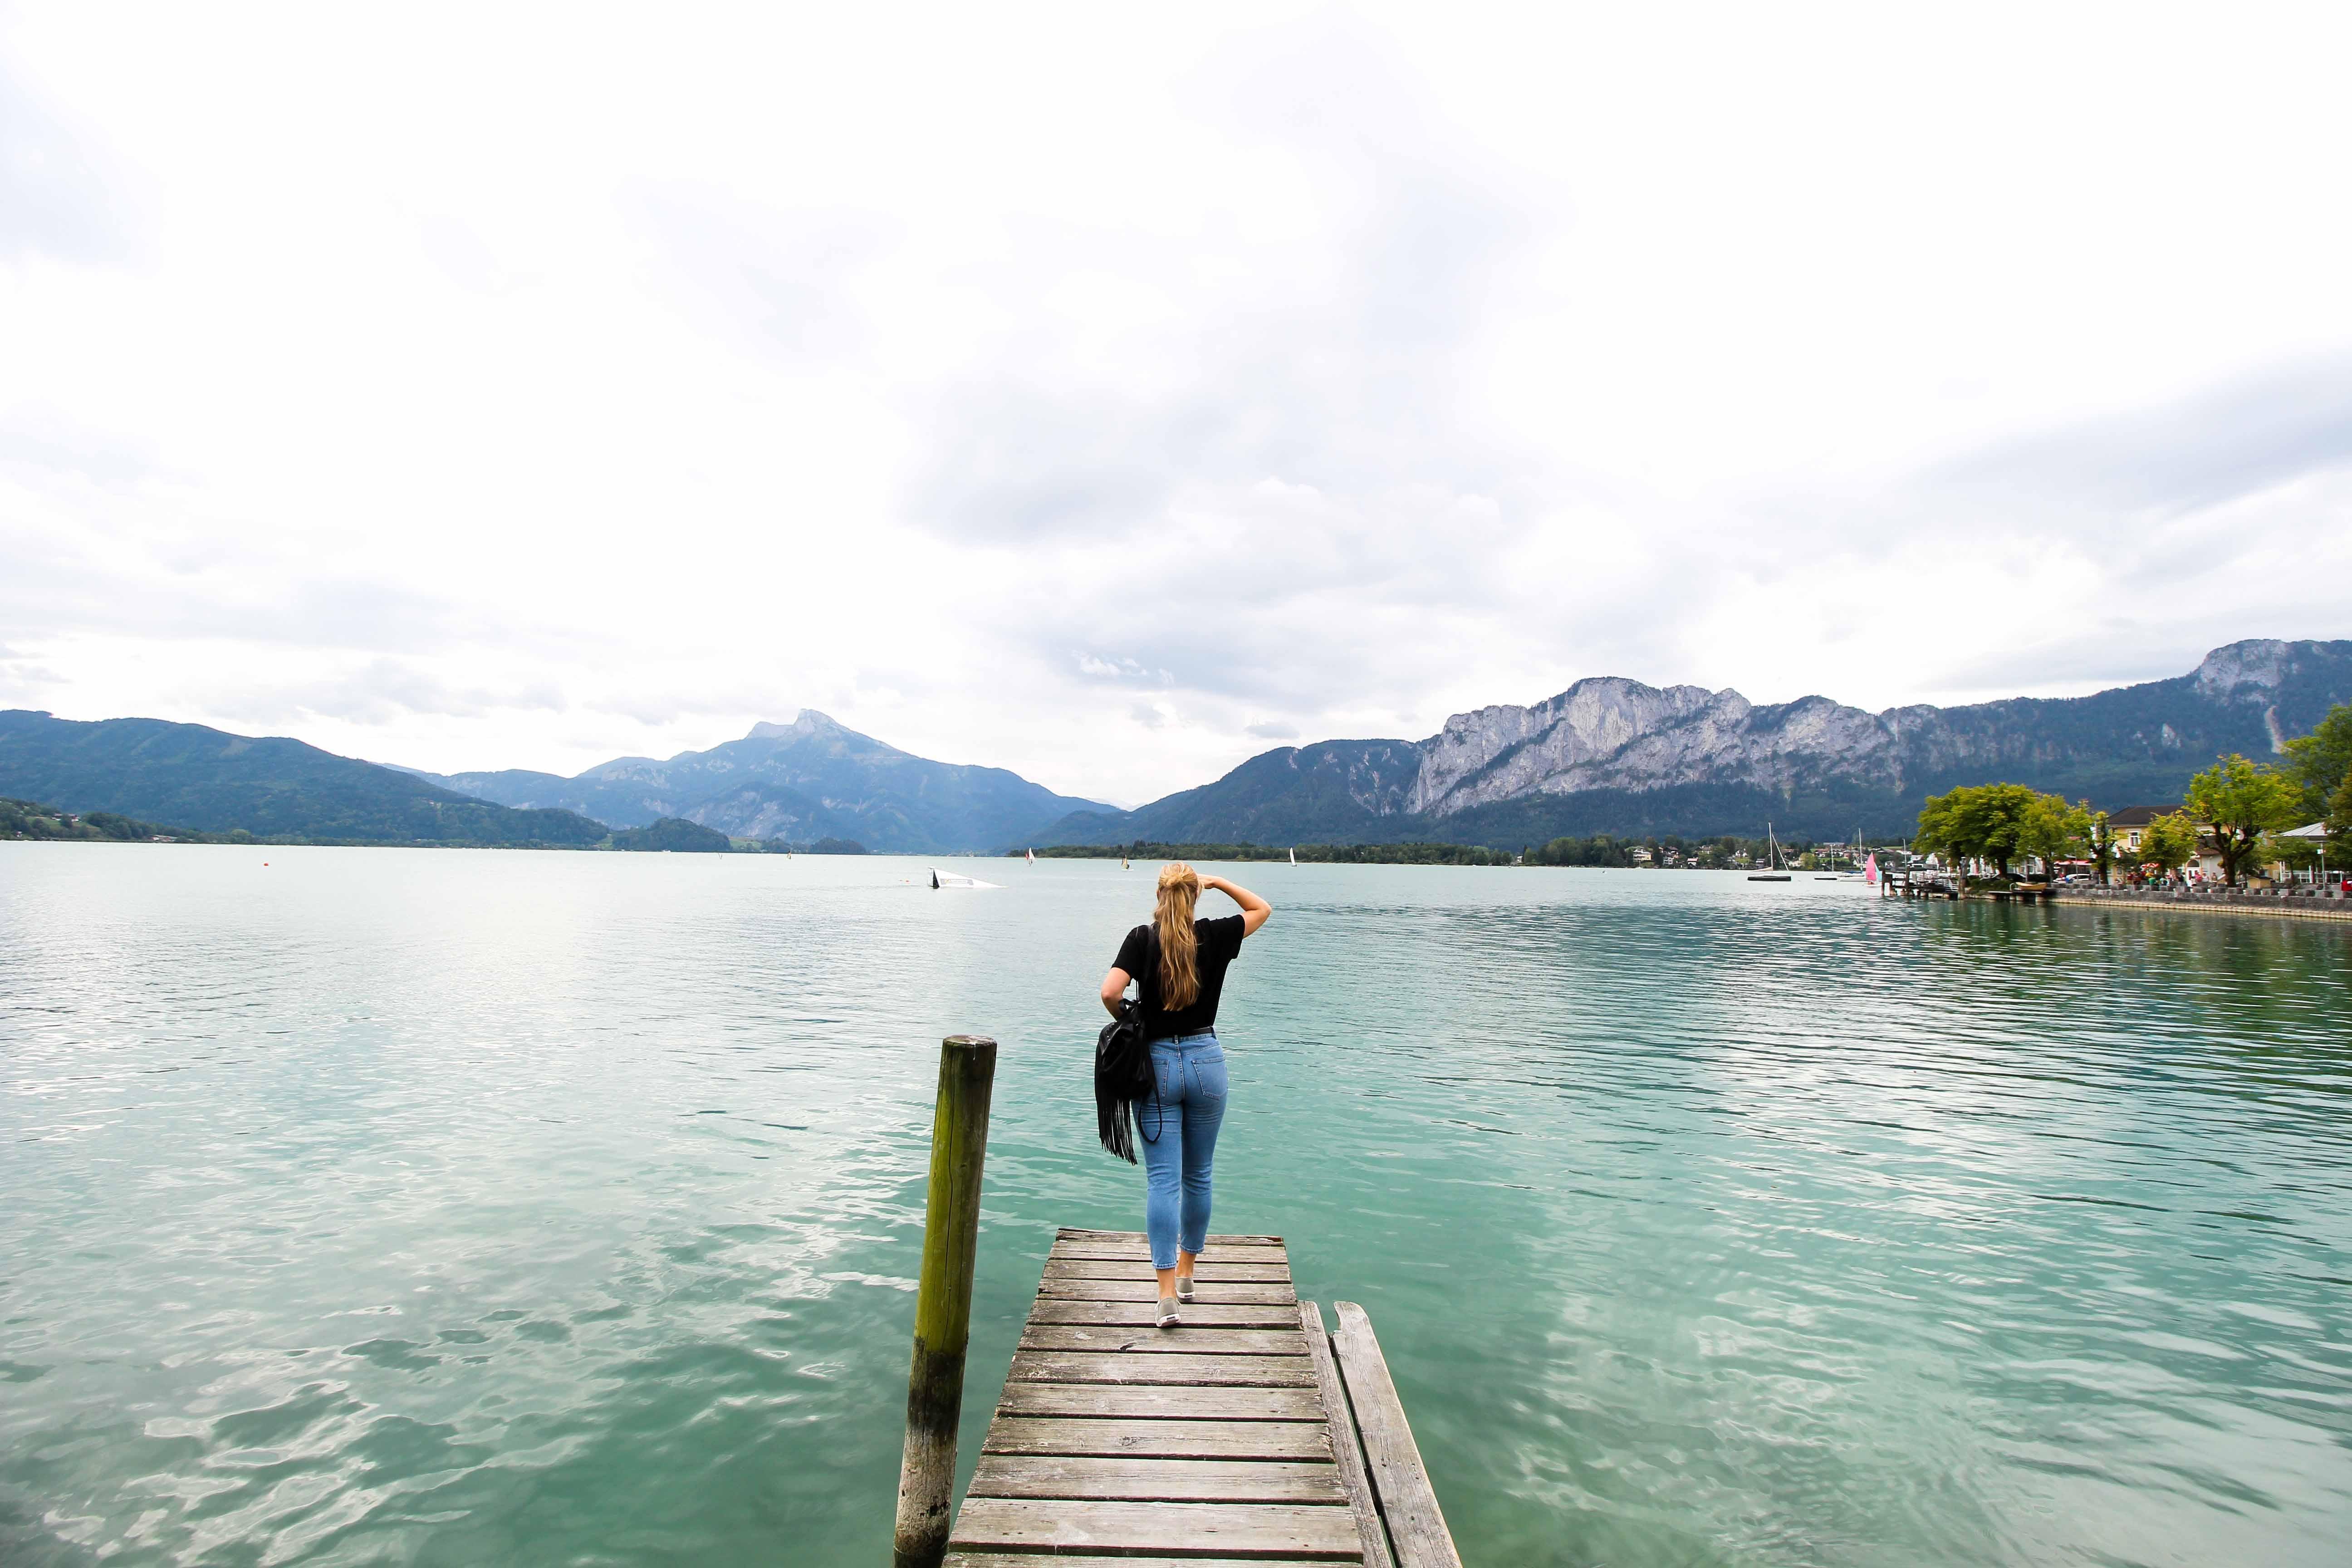 Mondsee Österreich Insider Tipps Sehenswürdigkeiten Donaukreuzfahrt Arosa Reiseblog Brinisfashionbook